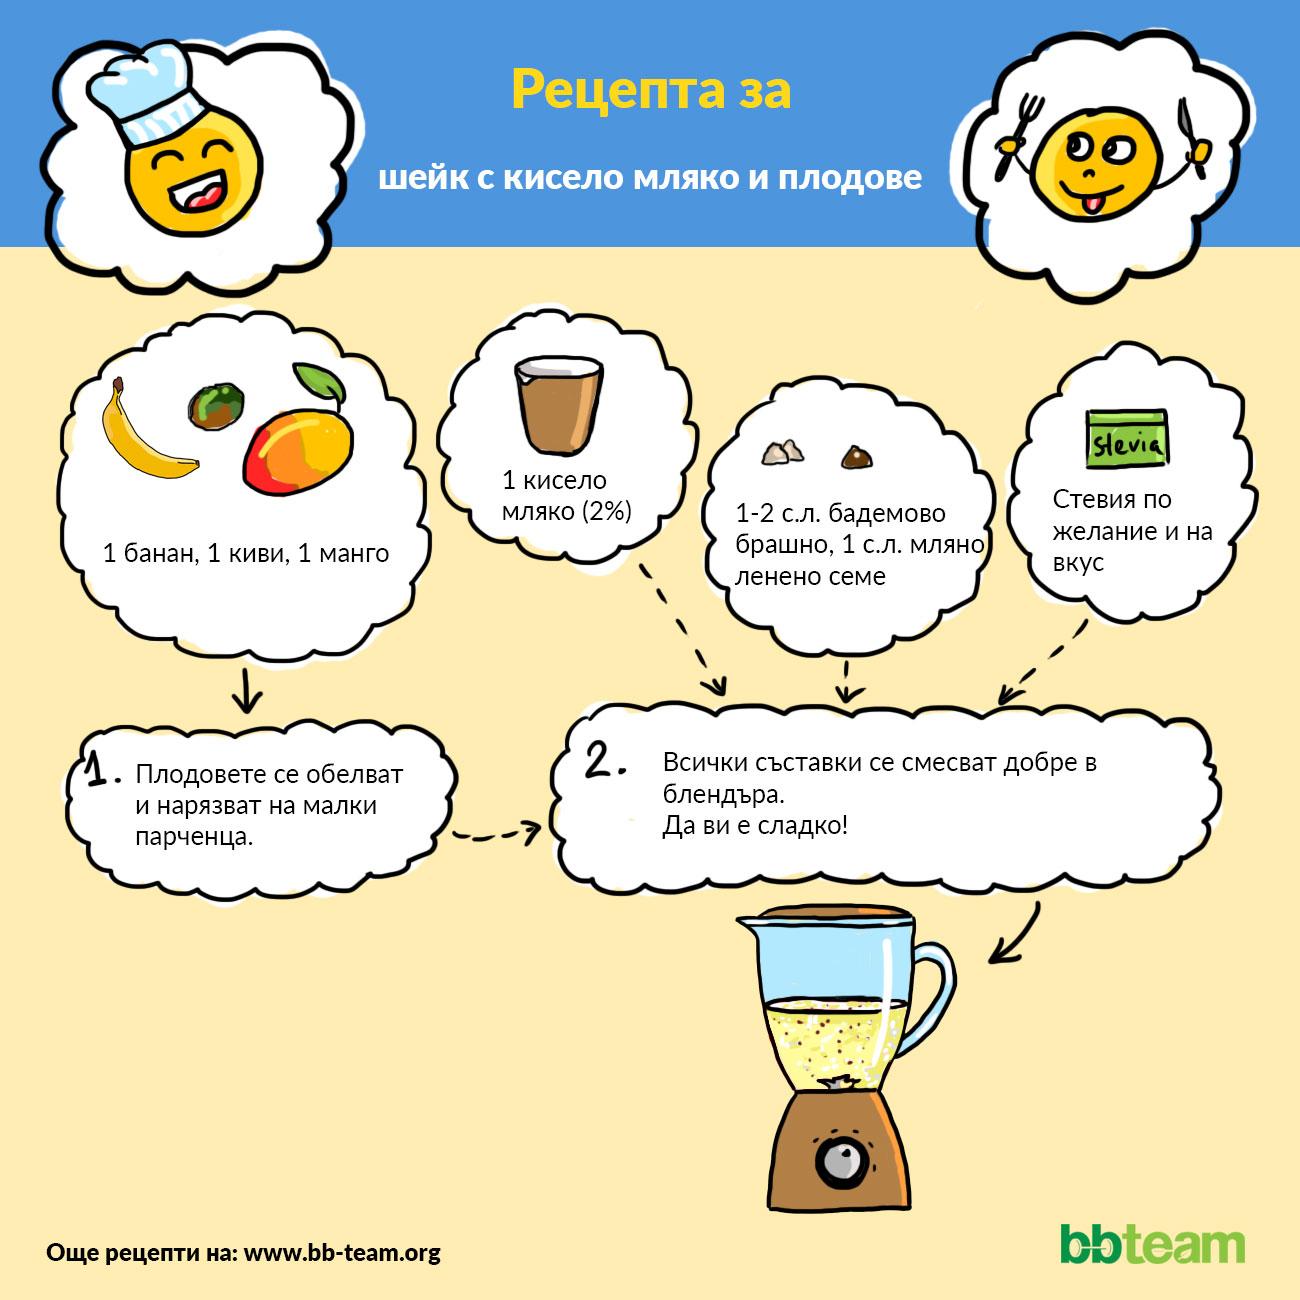 Рецепта за шейк с кисело мляко и плодове [инфографика]